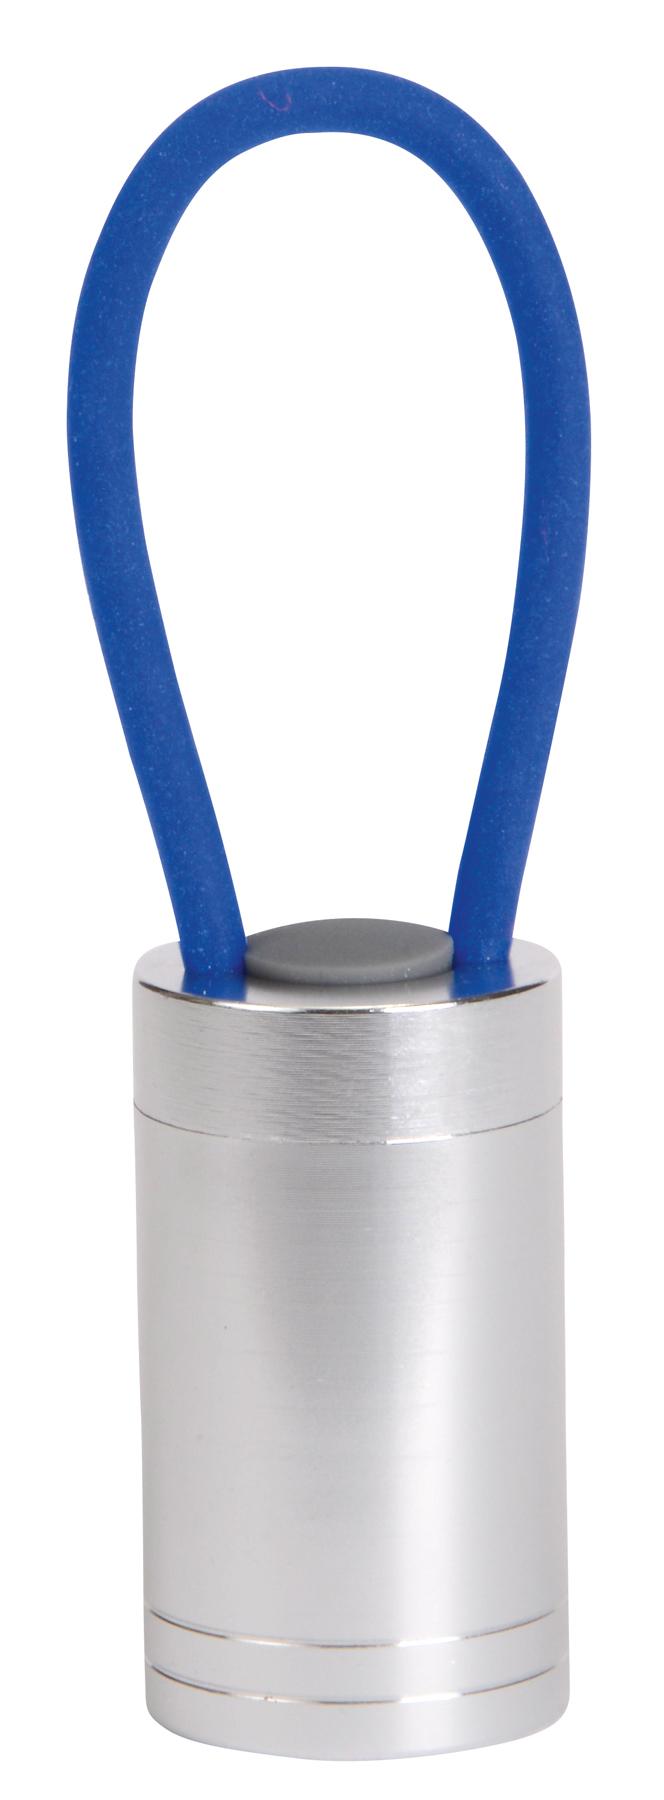 Lampka LUMINOUS, niebieski, srebrny